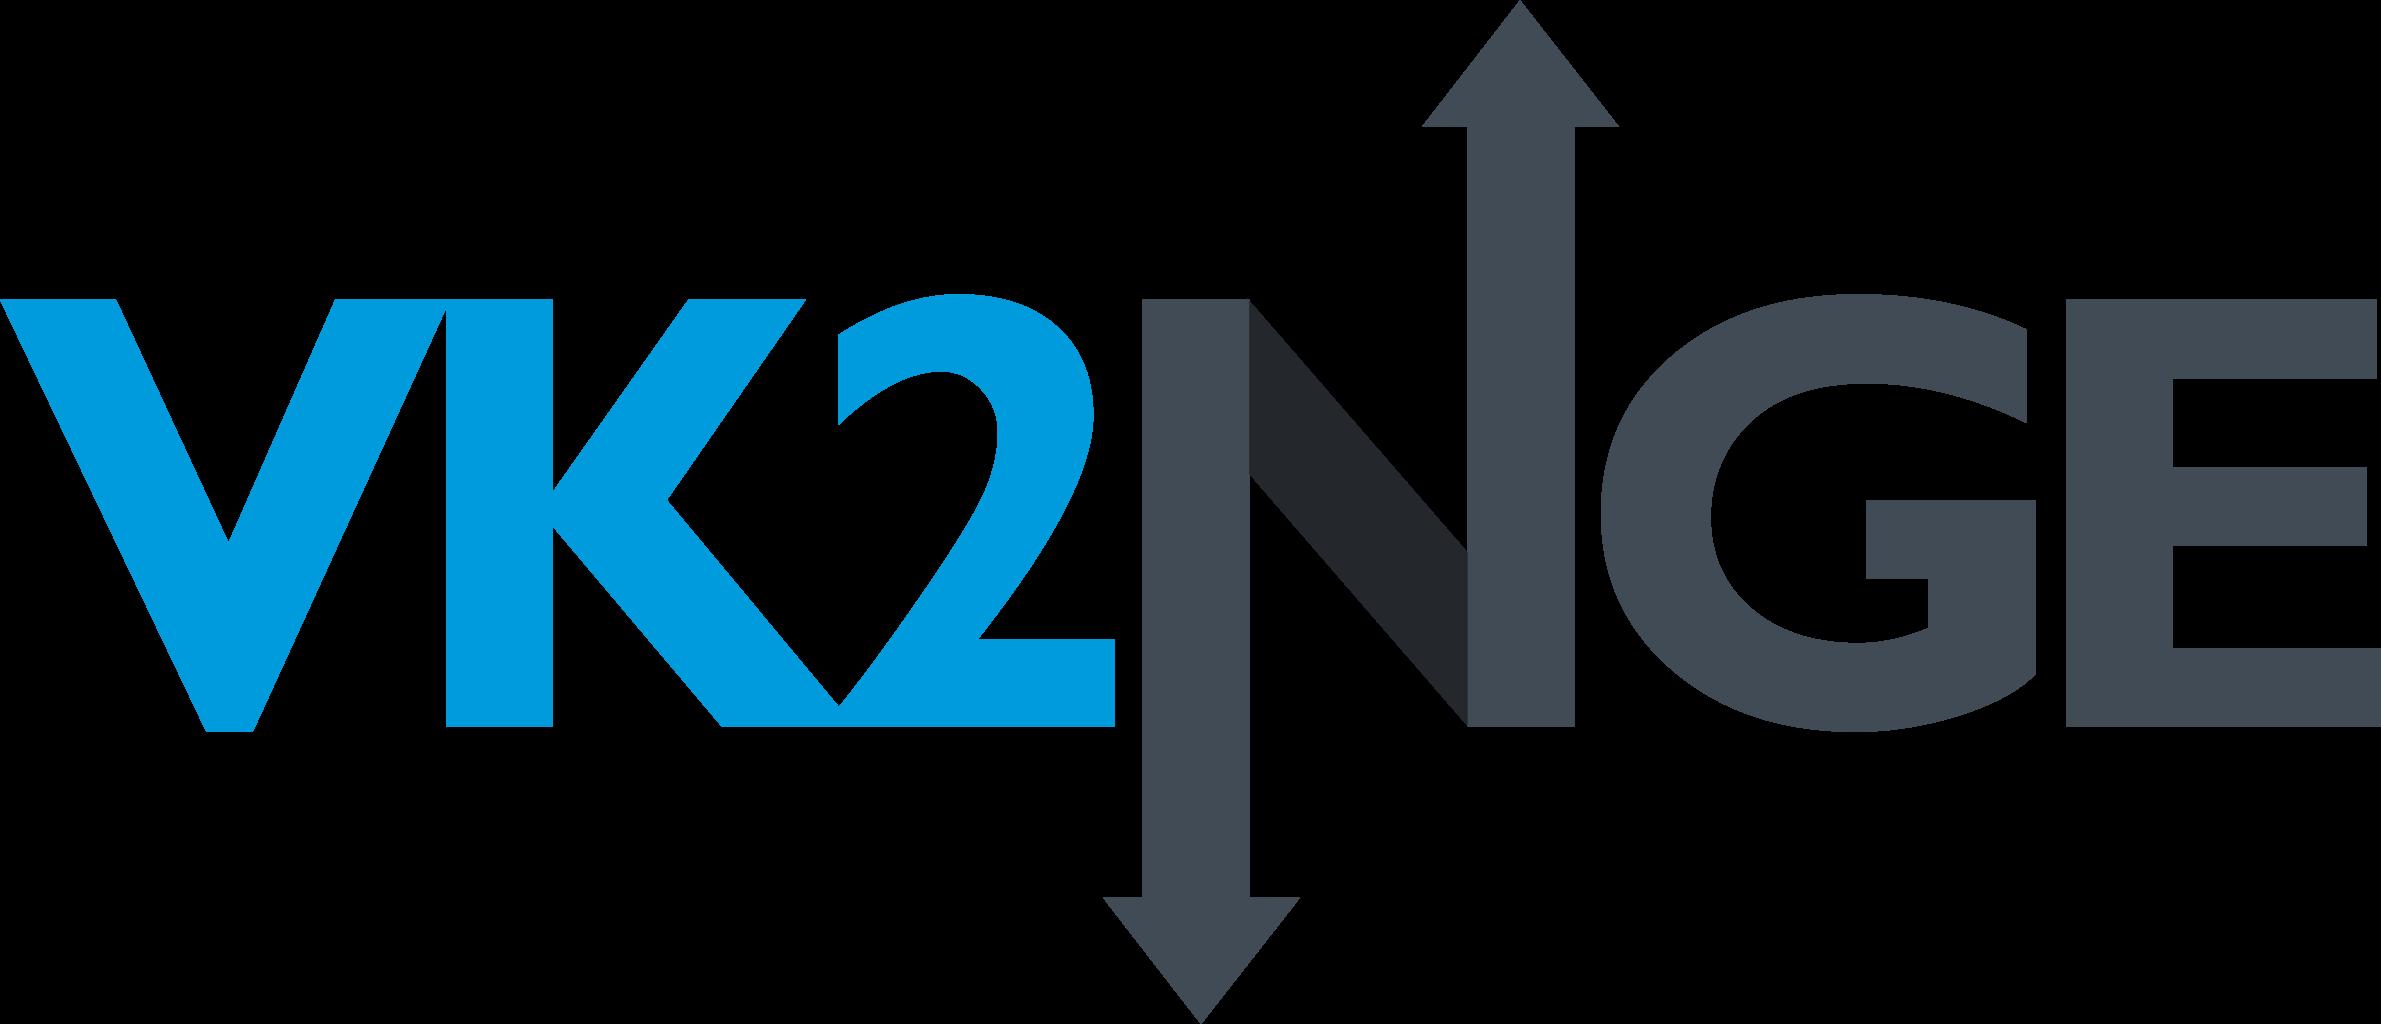 VK2NGE